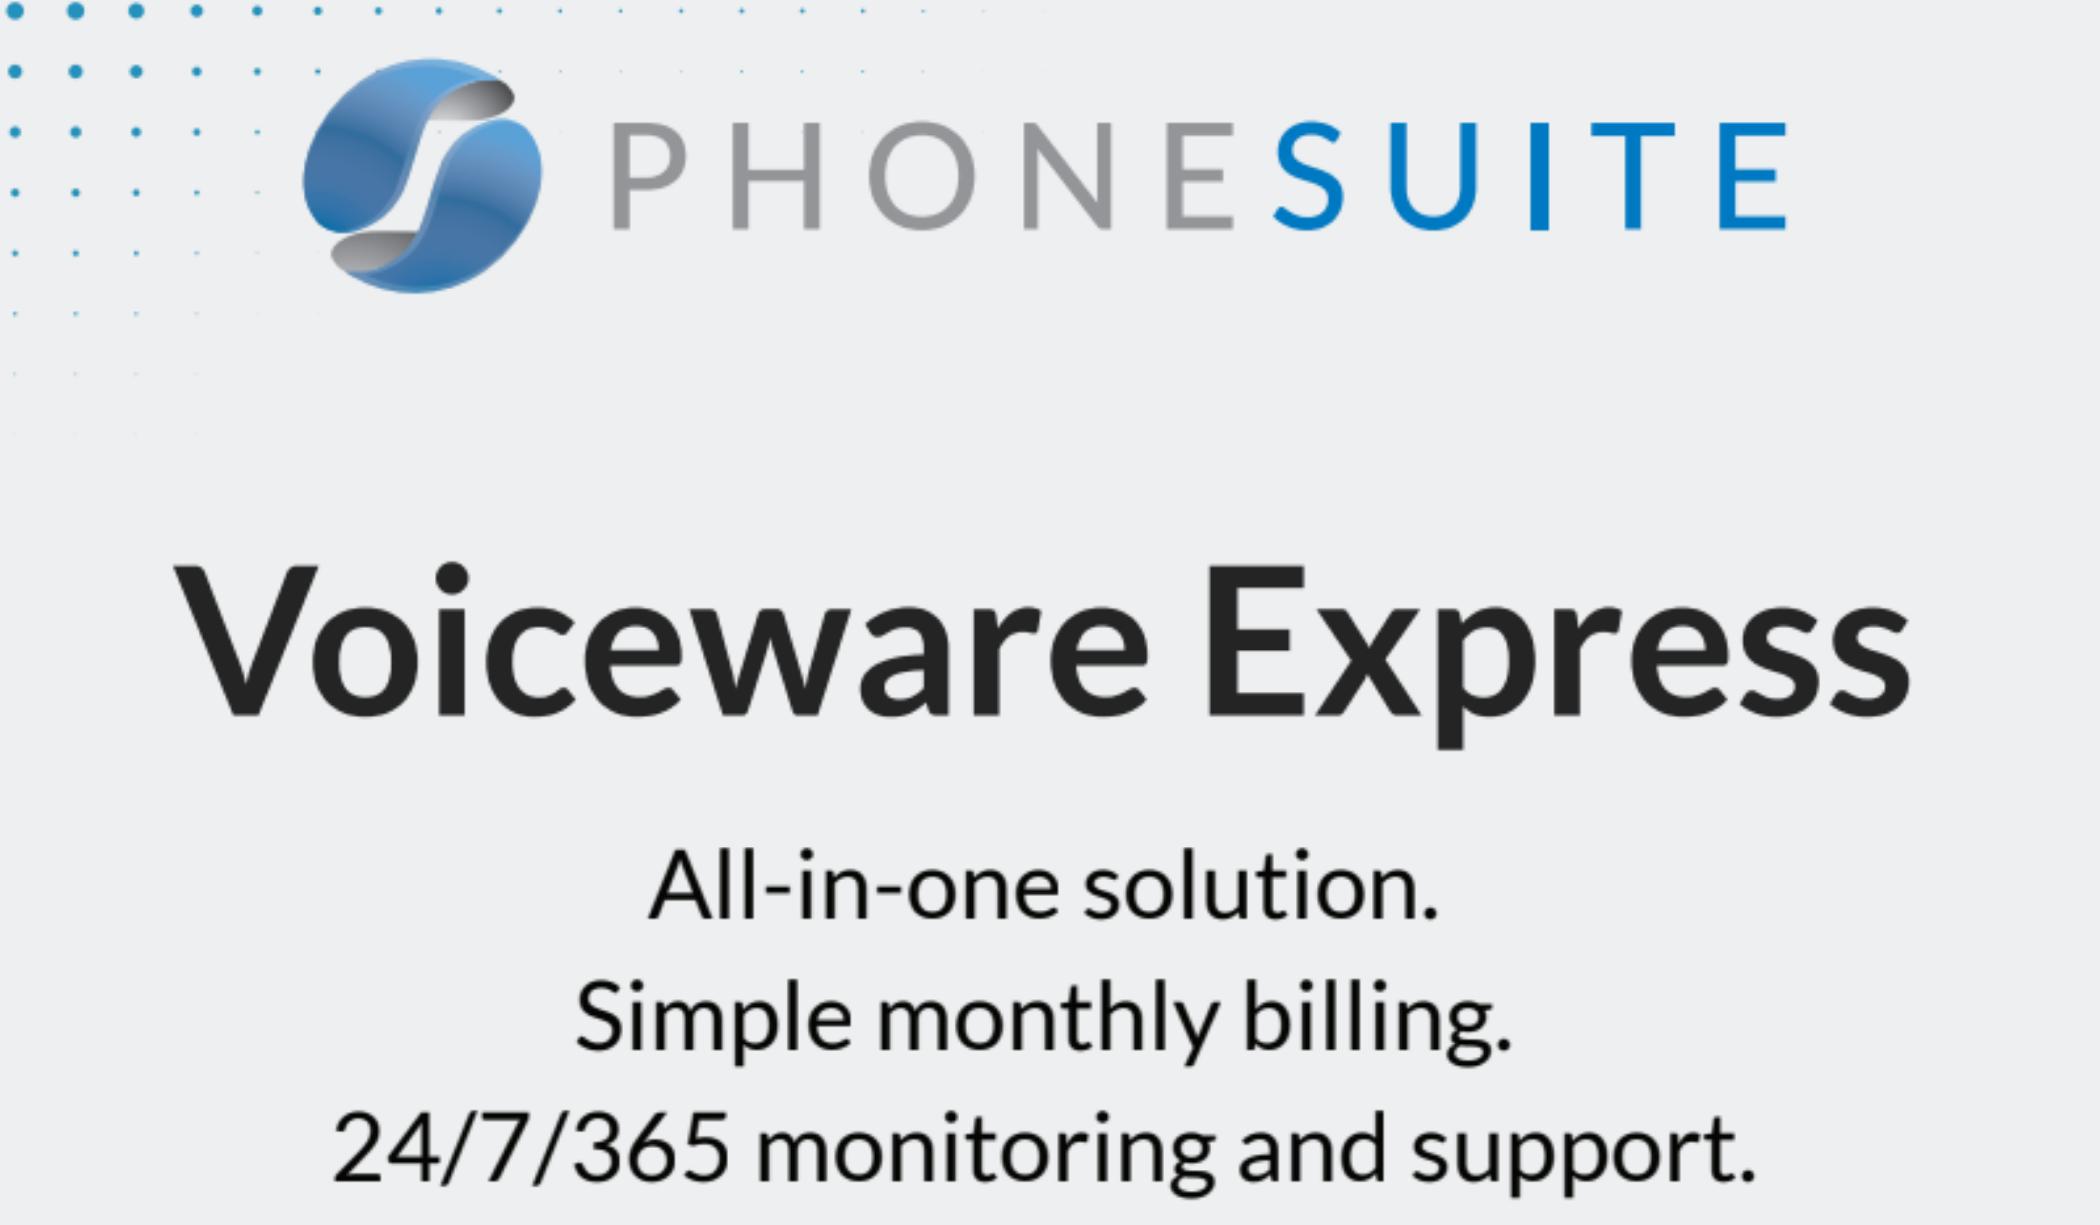 Phonesuite Announces Voiceware Express